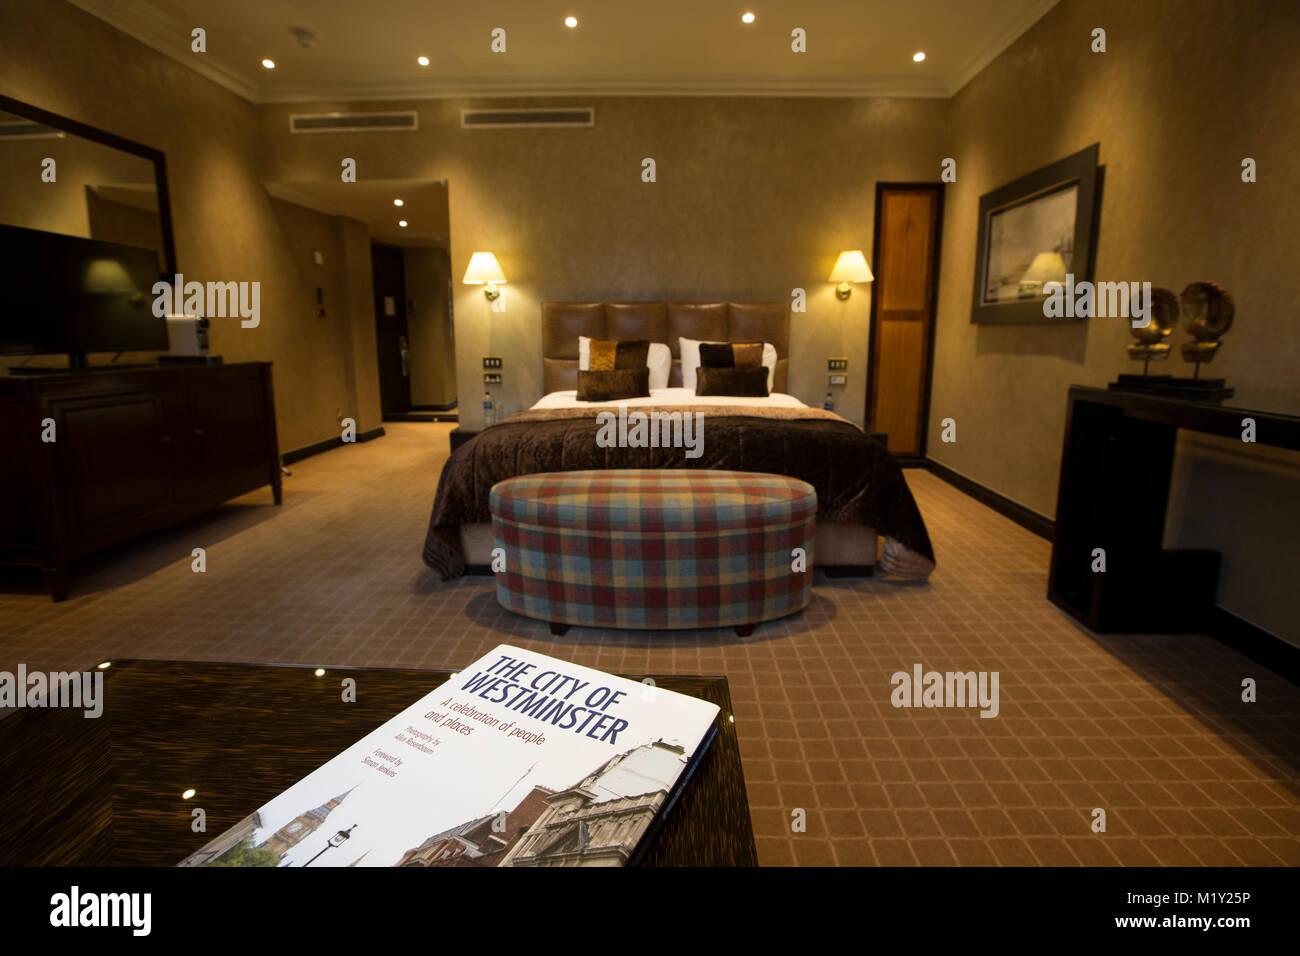 Radisson Blu Edwardian Hampshire, Leicester Square Hotel, near Theatre land, Soho, London, England, UK - Stock Image